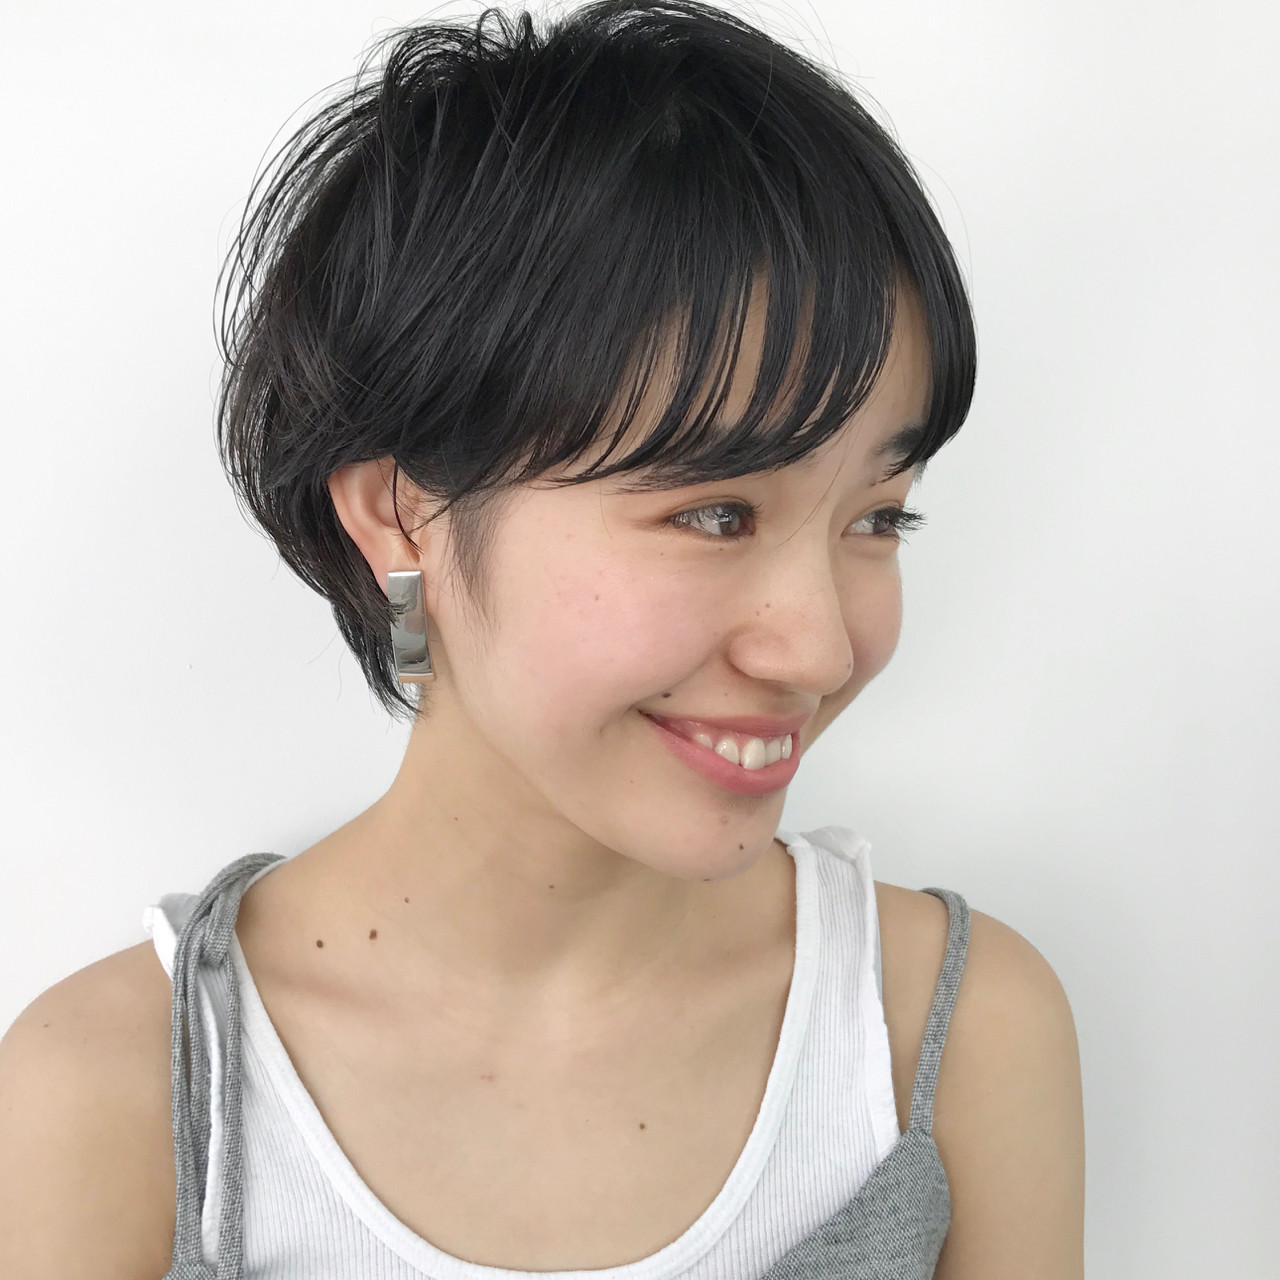 束感 束感バング ショートボブ ナチュラル ヘアスタイルや髪型の写真・画像